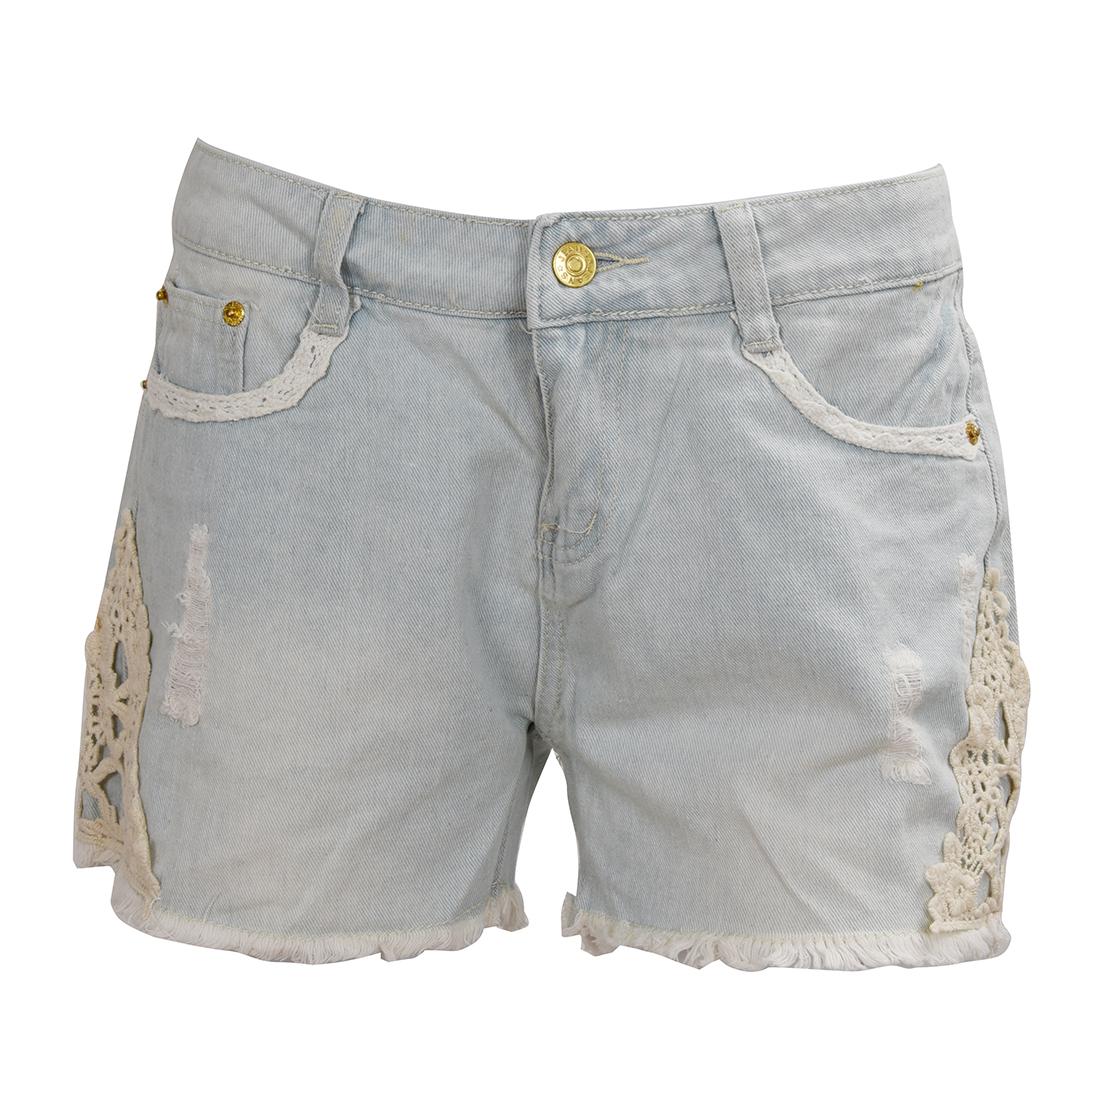 maedchen unterhose niedrige taille spitze ausschalt jeans. Black Bedroom Furniture Sets. Home Design Ideas